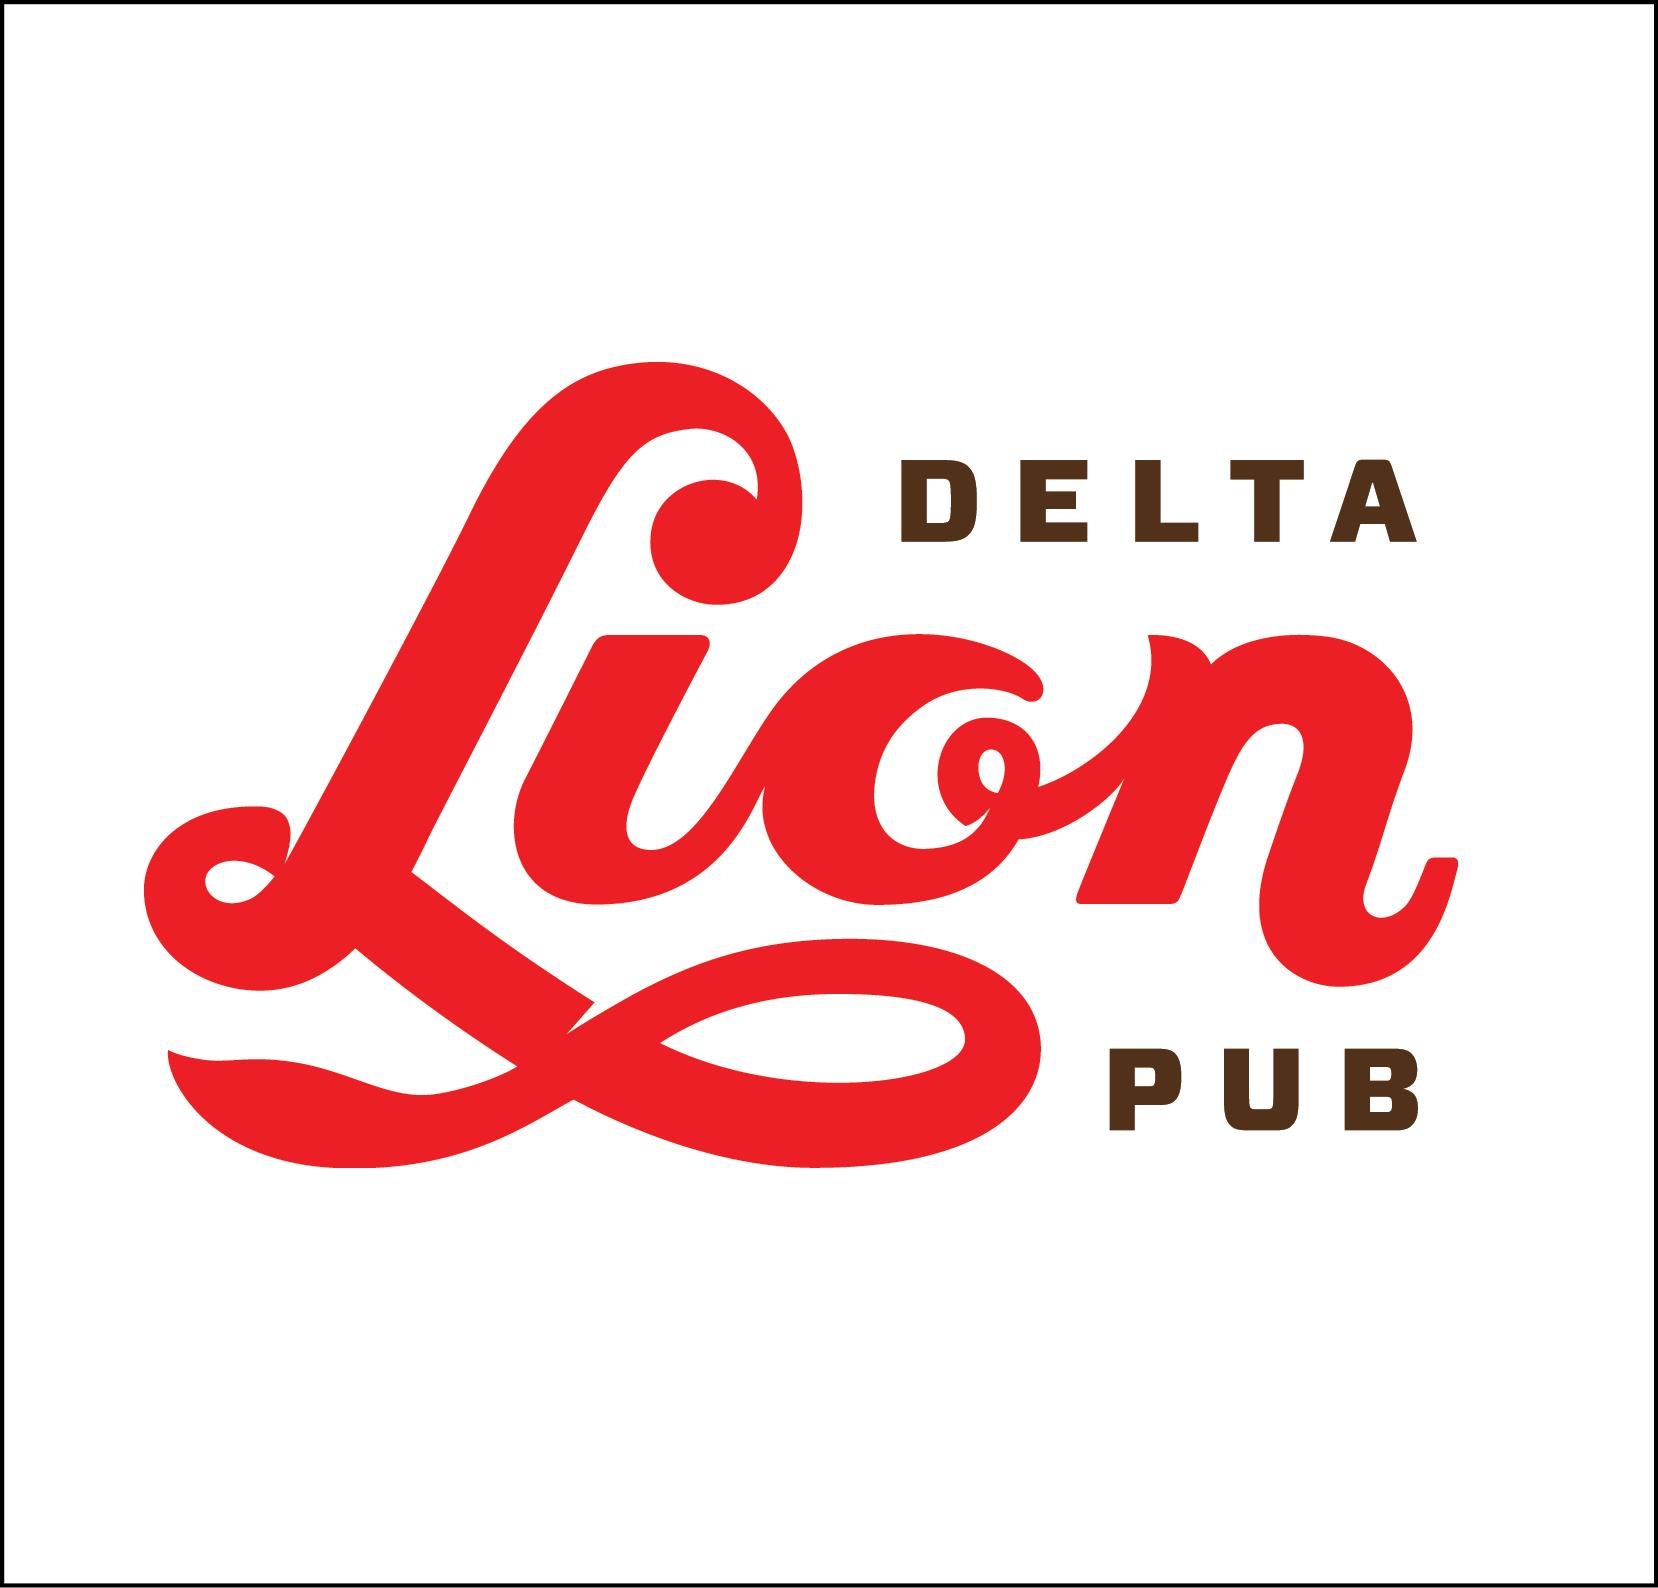 Delta Lion Pub